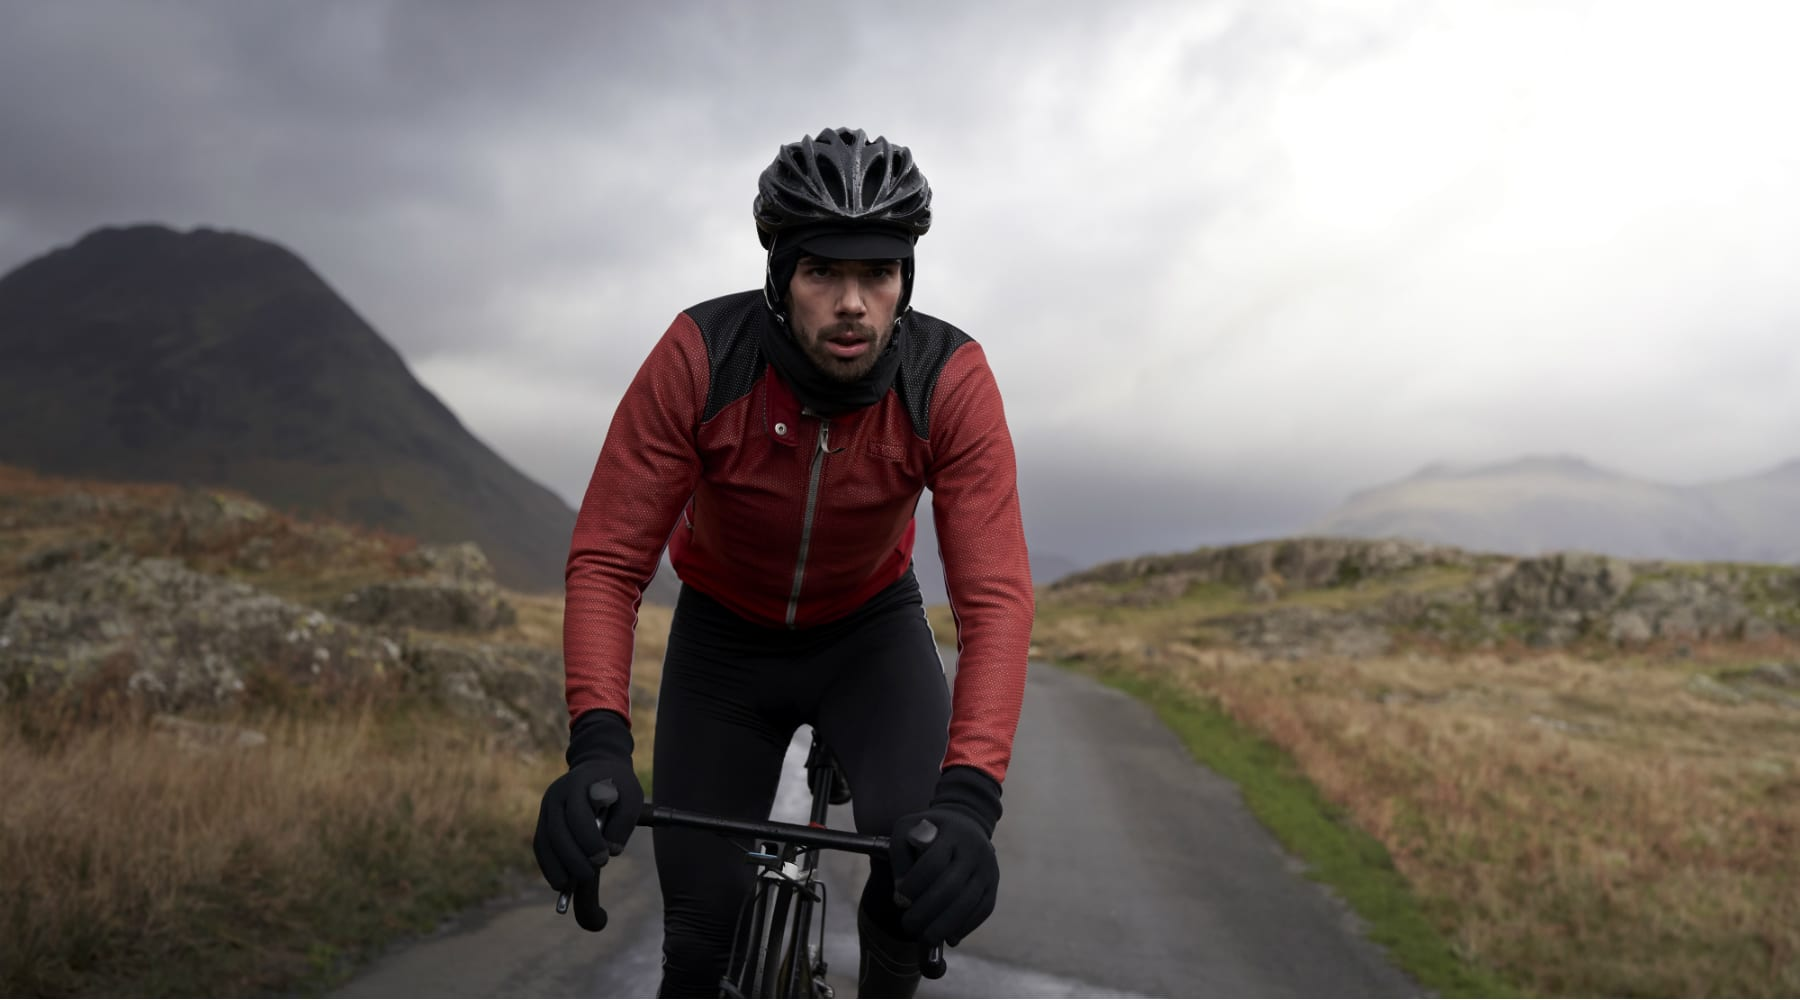 Ciclismo | I 5 Migliori Consigli di Allenamento per Ciclisti